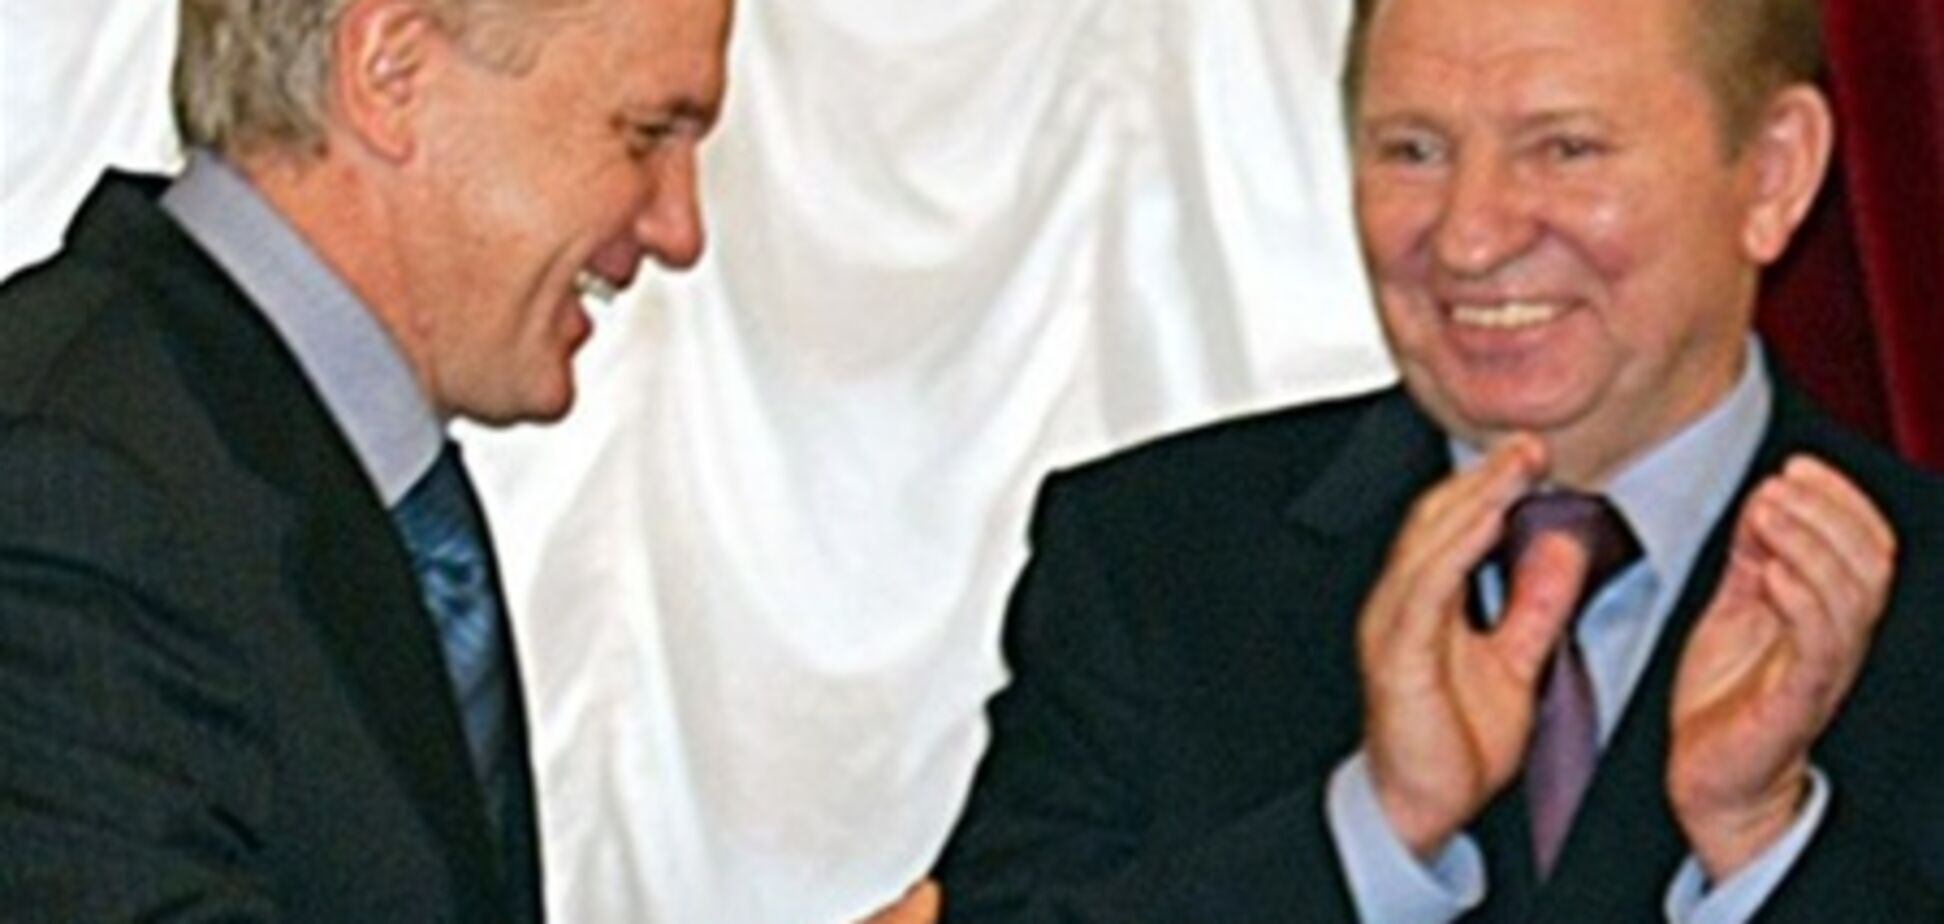 Кучма, Литвин, Кравченко говорять про Гонгадзе. Стенограма аудіозапису плівок Мельниченка